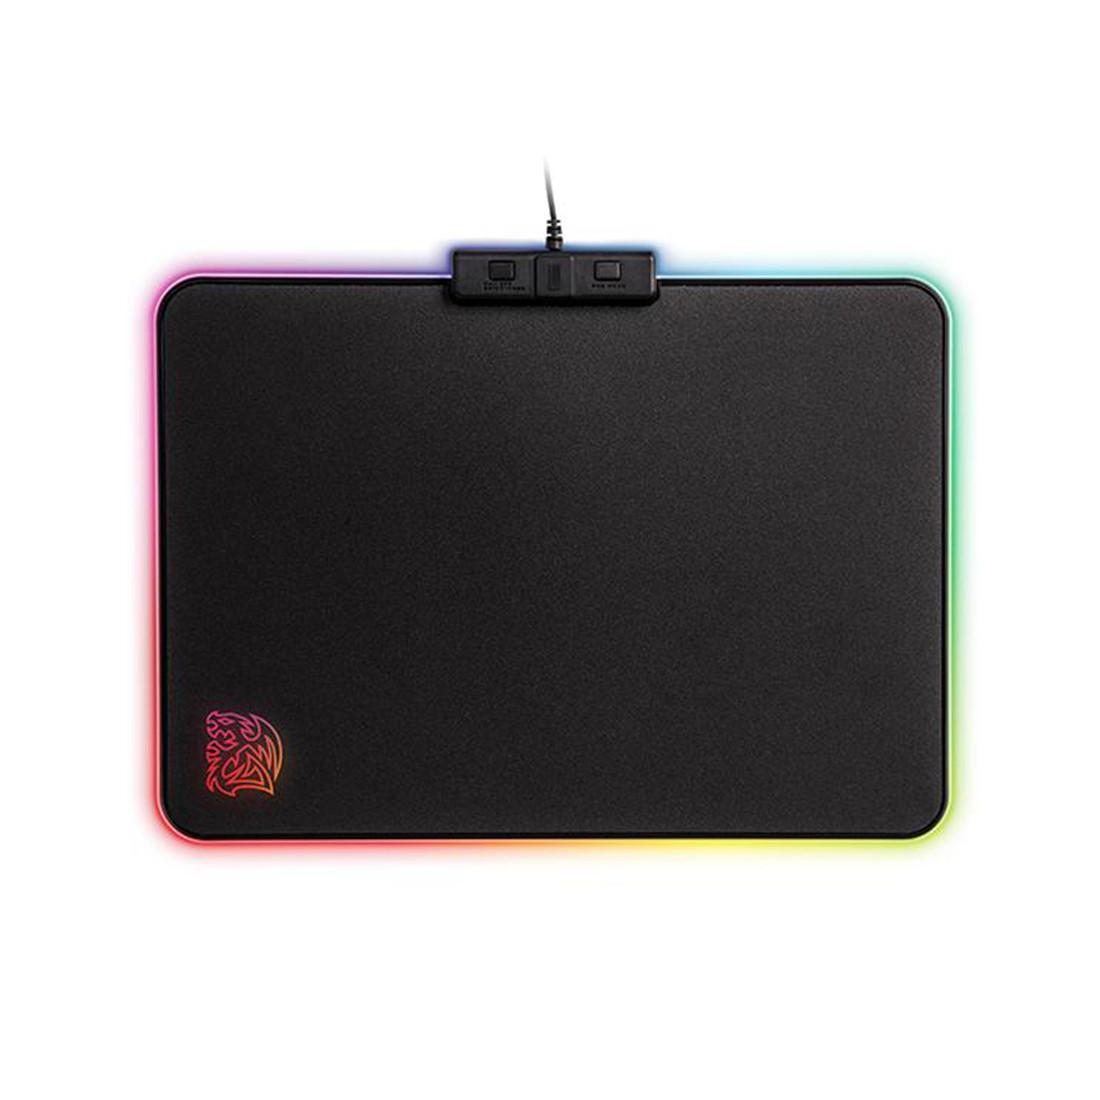 Коврик игровой Thermaltake DRACONEM RGB TOUCH ID MP-DCM-RGBHMS-02 (355*255*4мм)